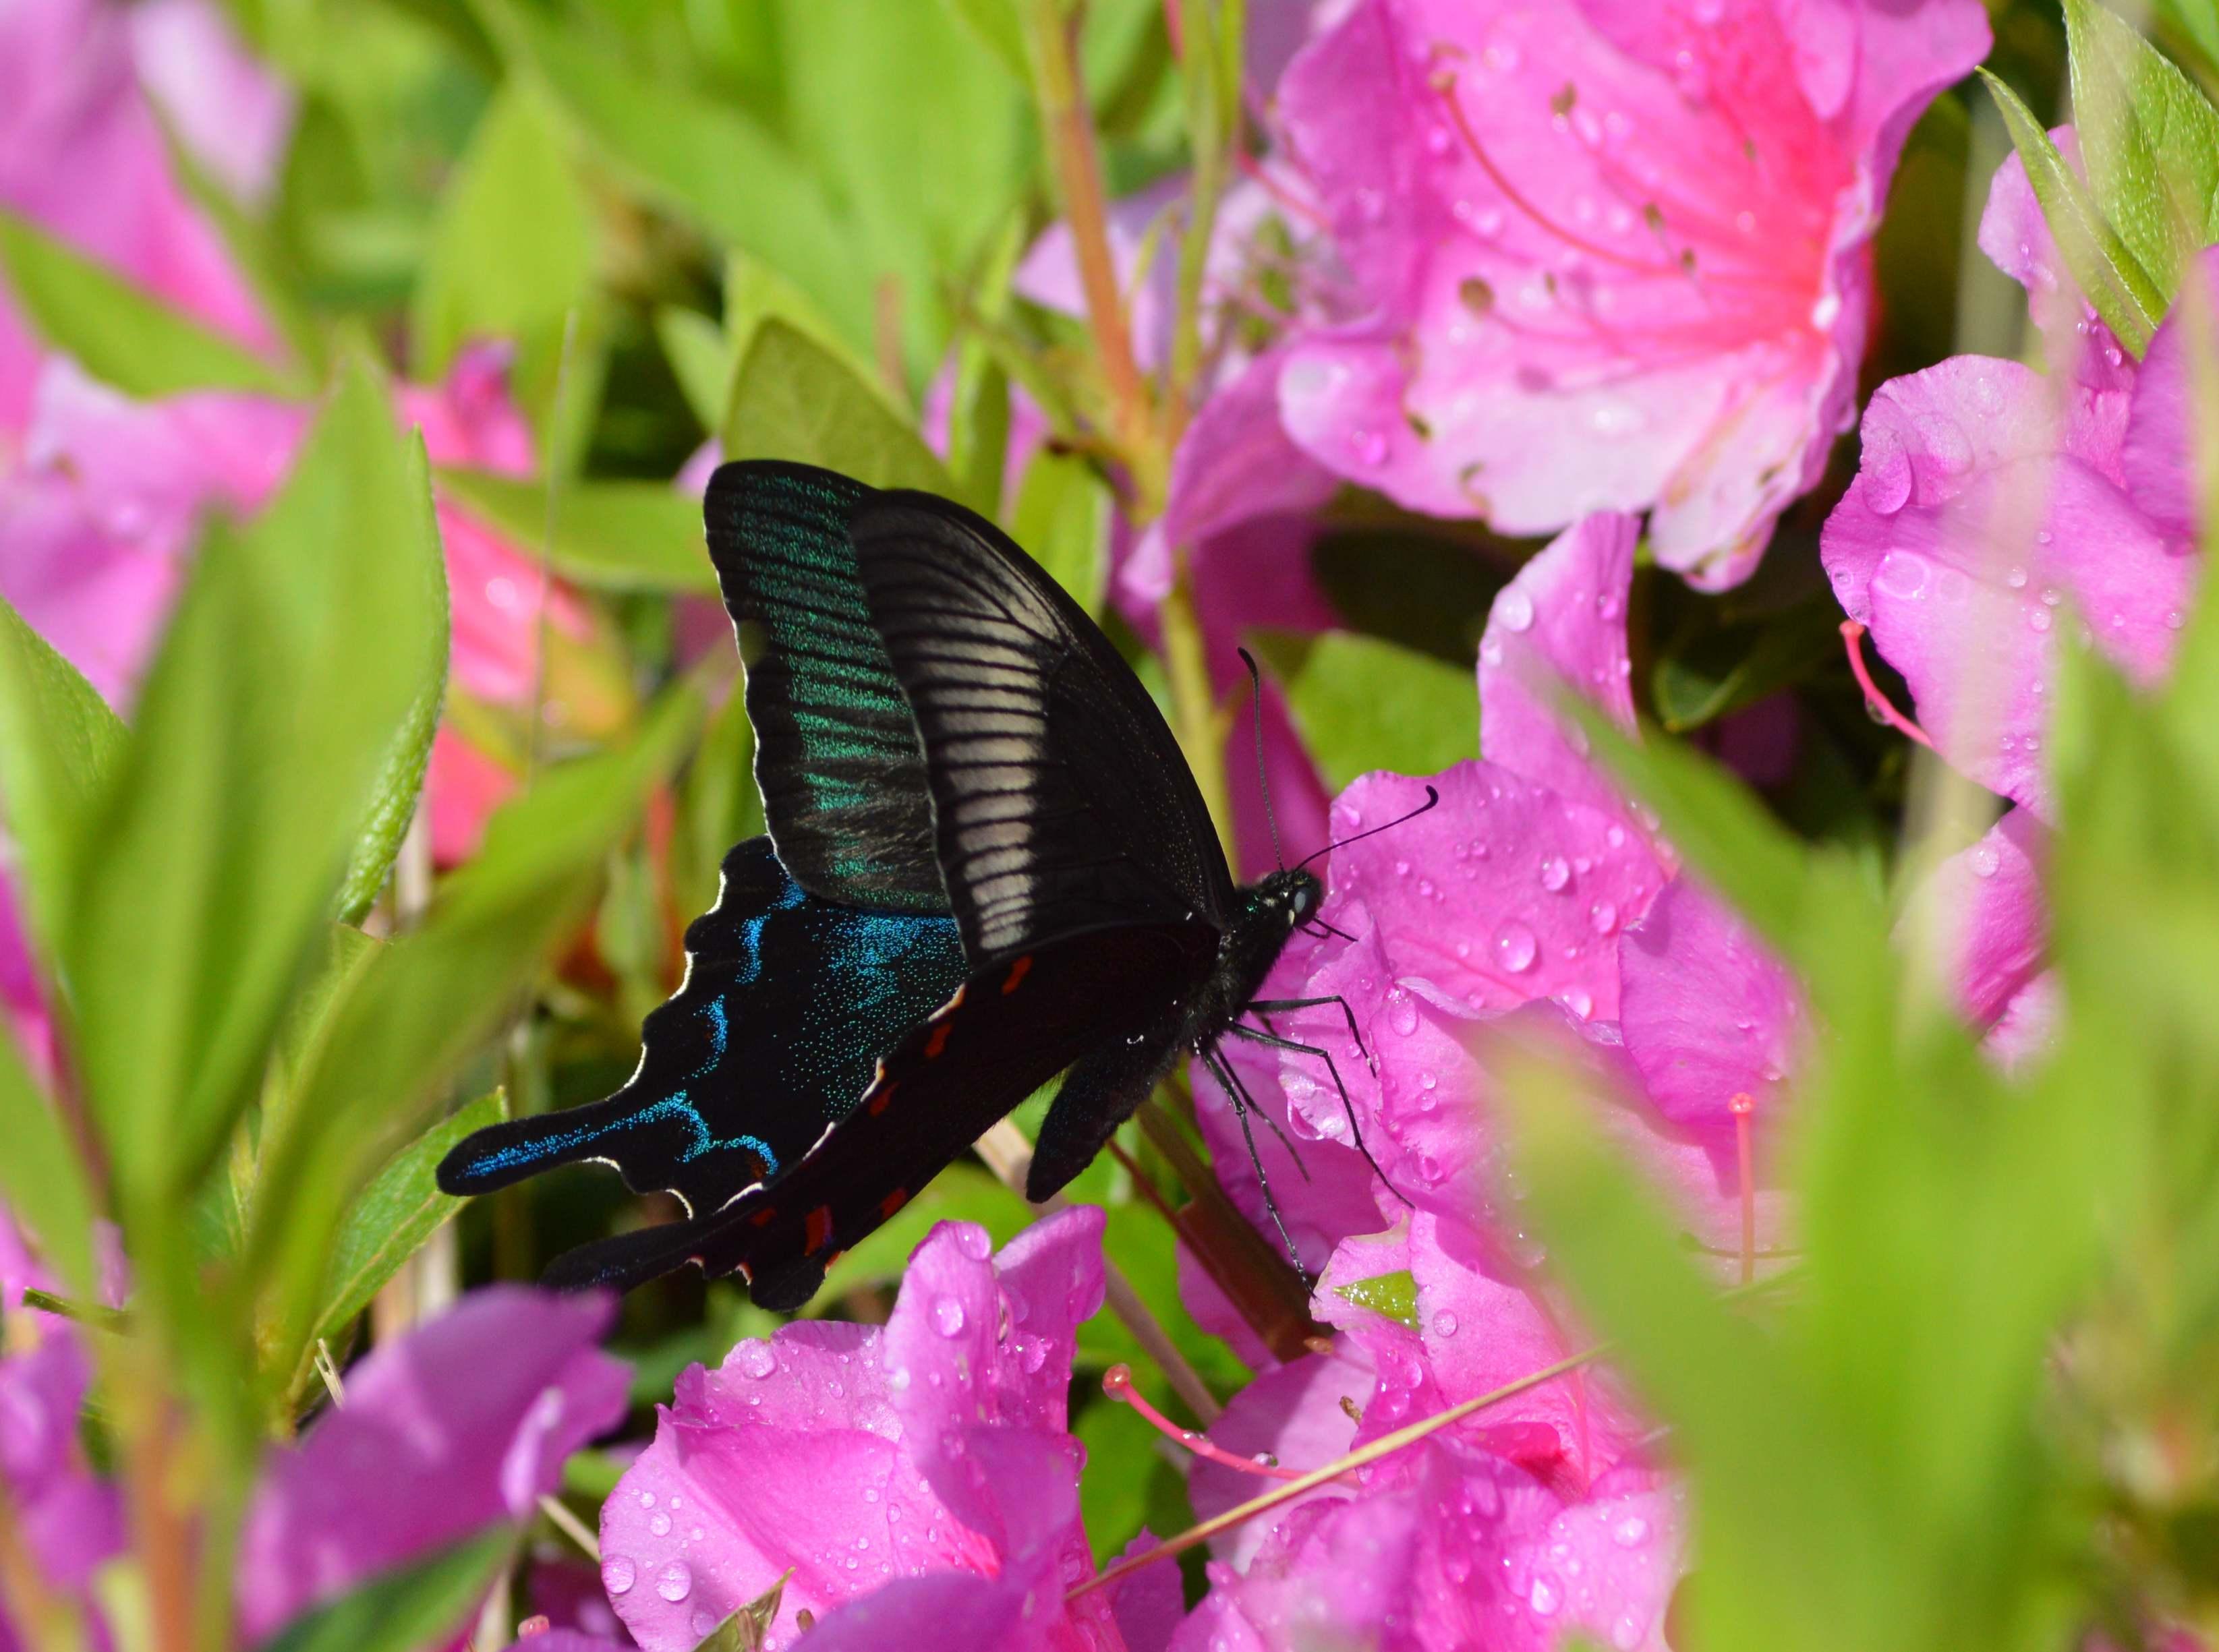 カラスアゲハ 5月2日ツツジの咲く公園にて_d0254540_15235167.jpg